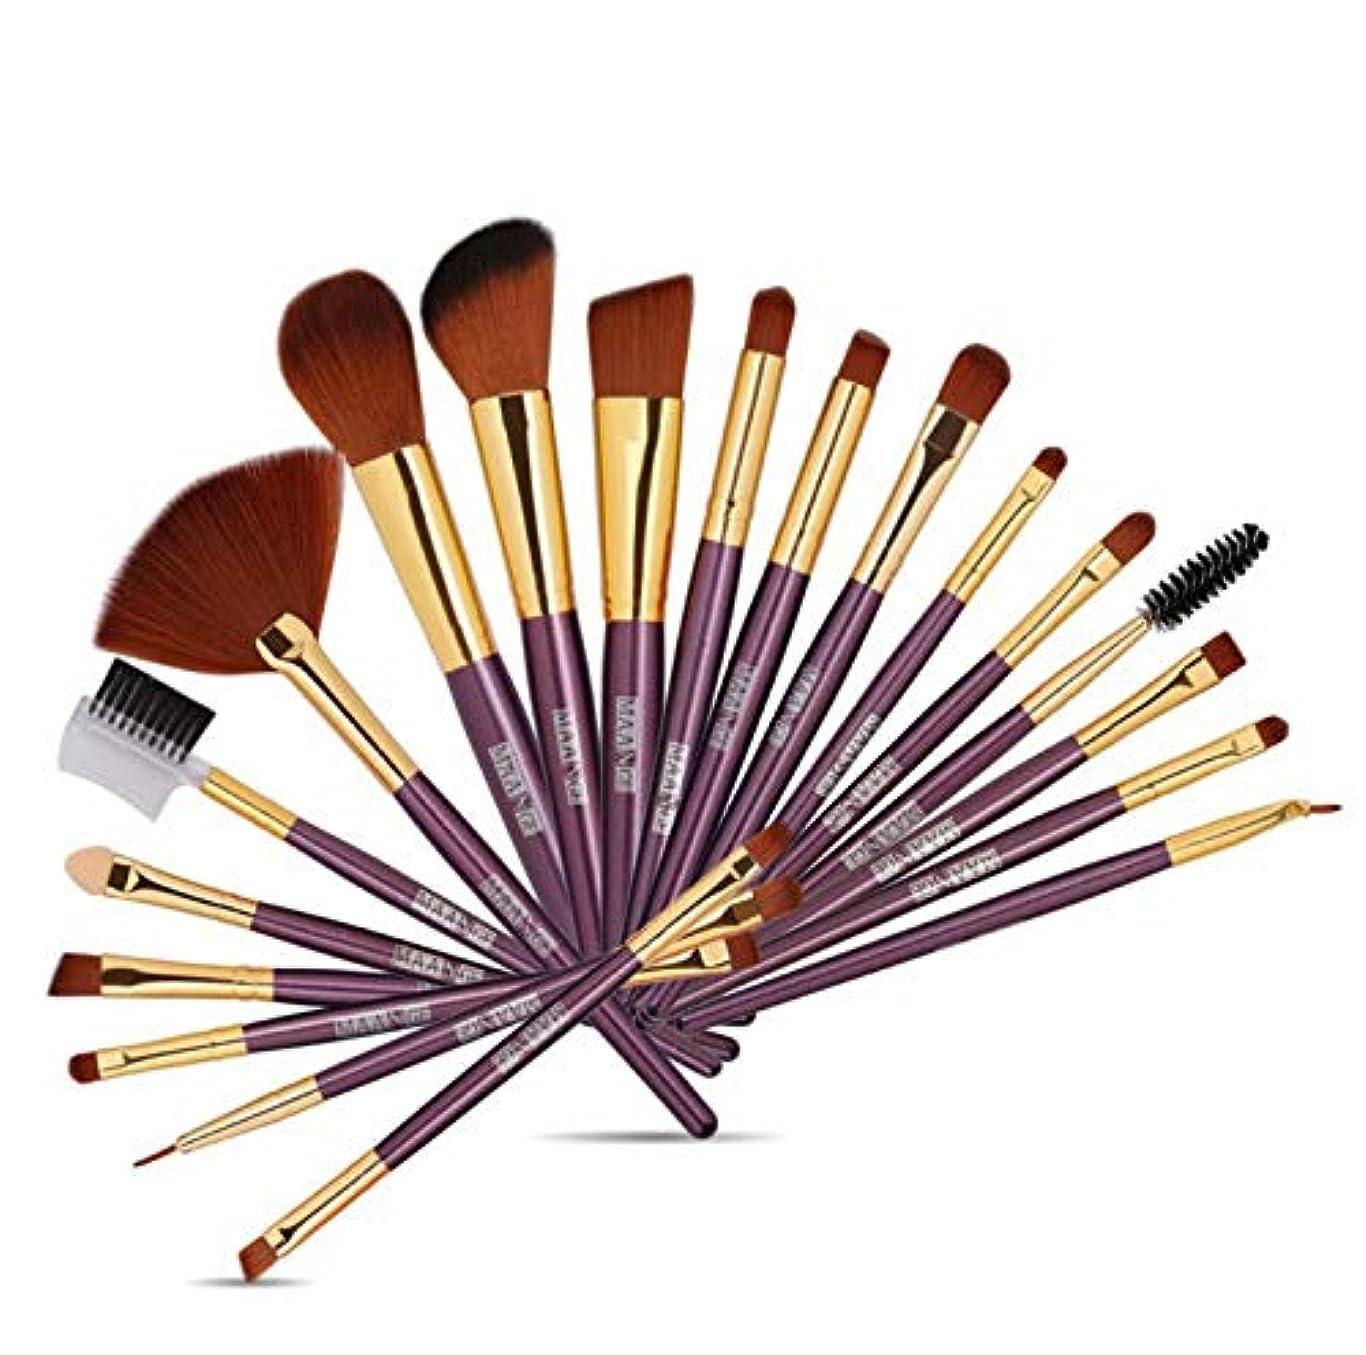 害虫レベル合成化粧ブラシセット、紫19ナイロン髪化粧ブラシセットブラシ、初心者やメイクアップアーティストのための美容ツールの実用的なフルセット